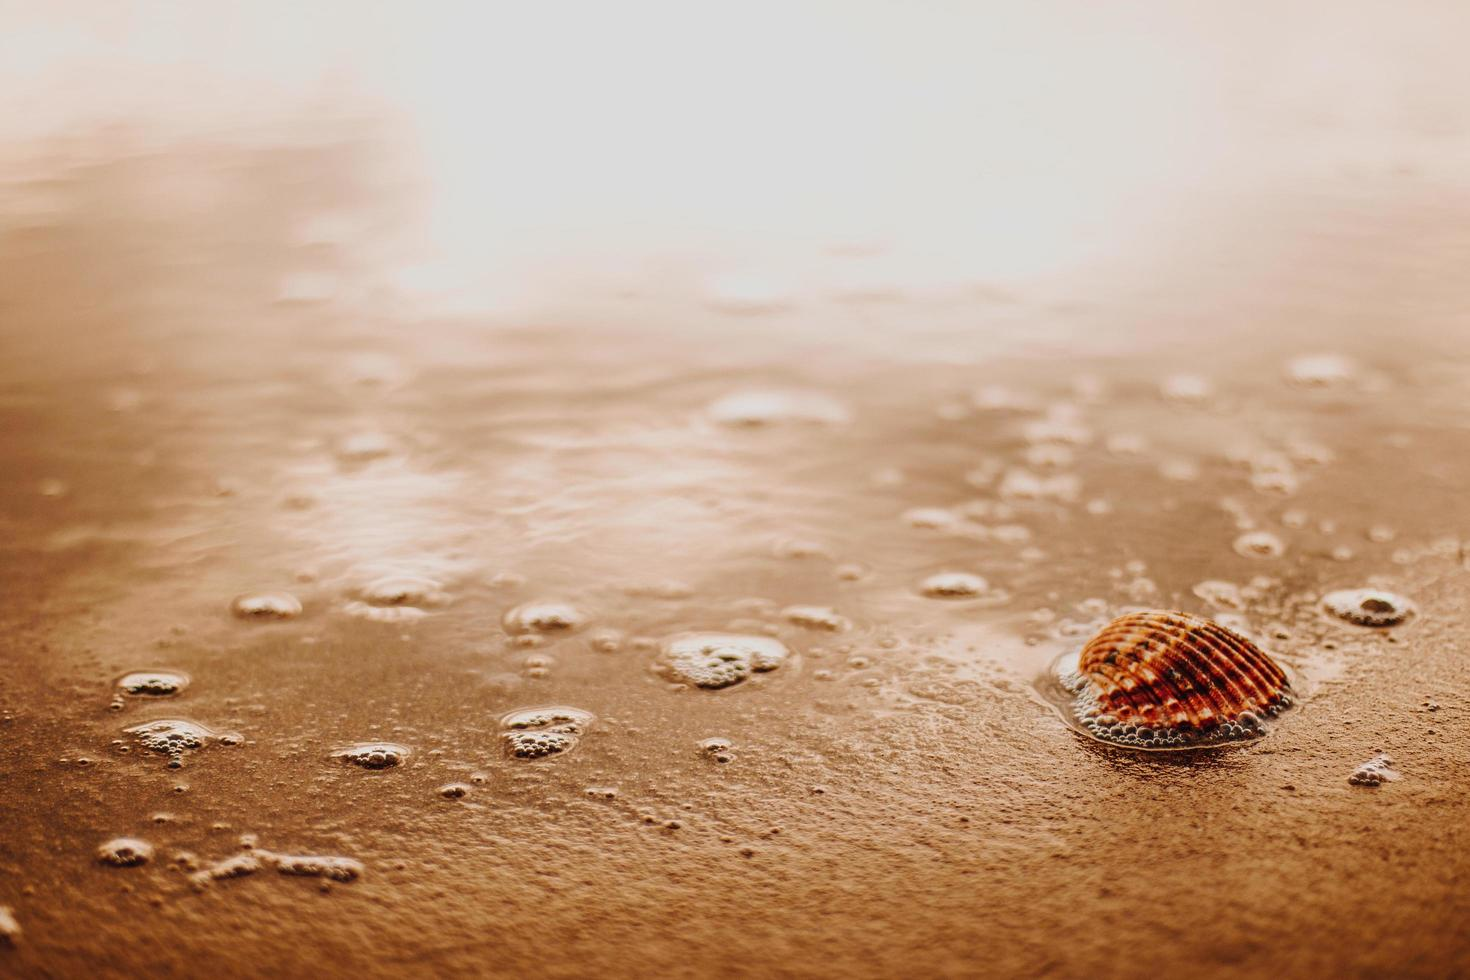 Muschel auf braunem Sand foto